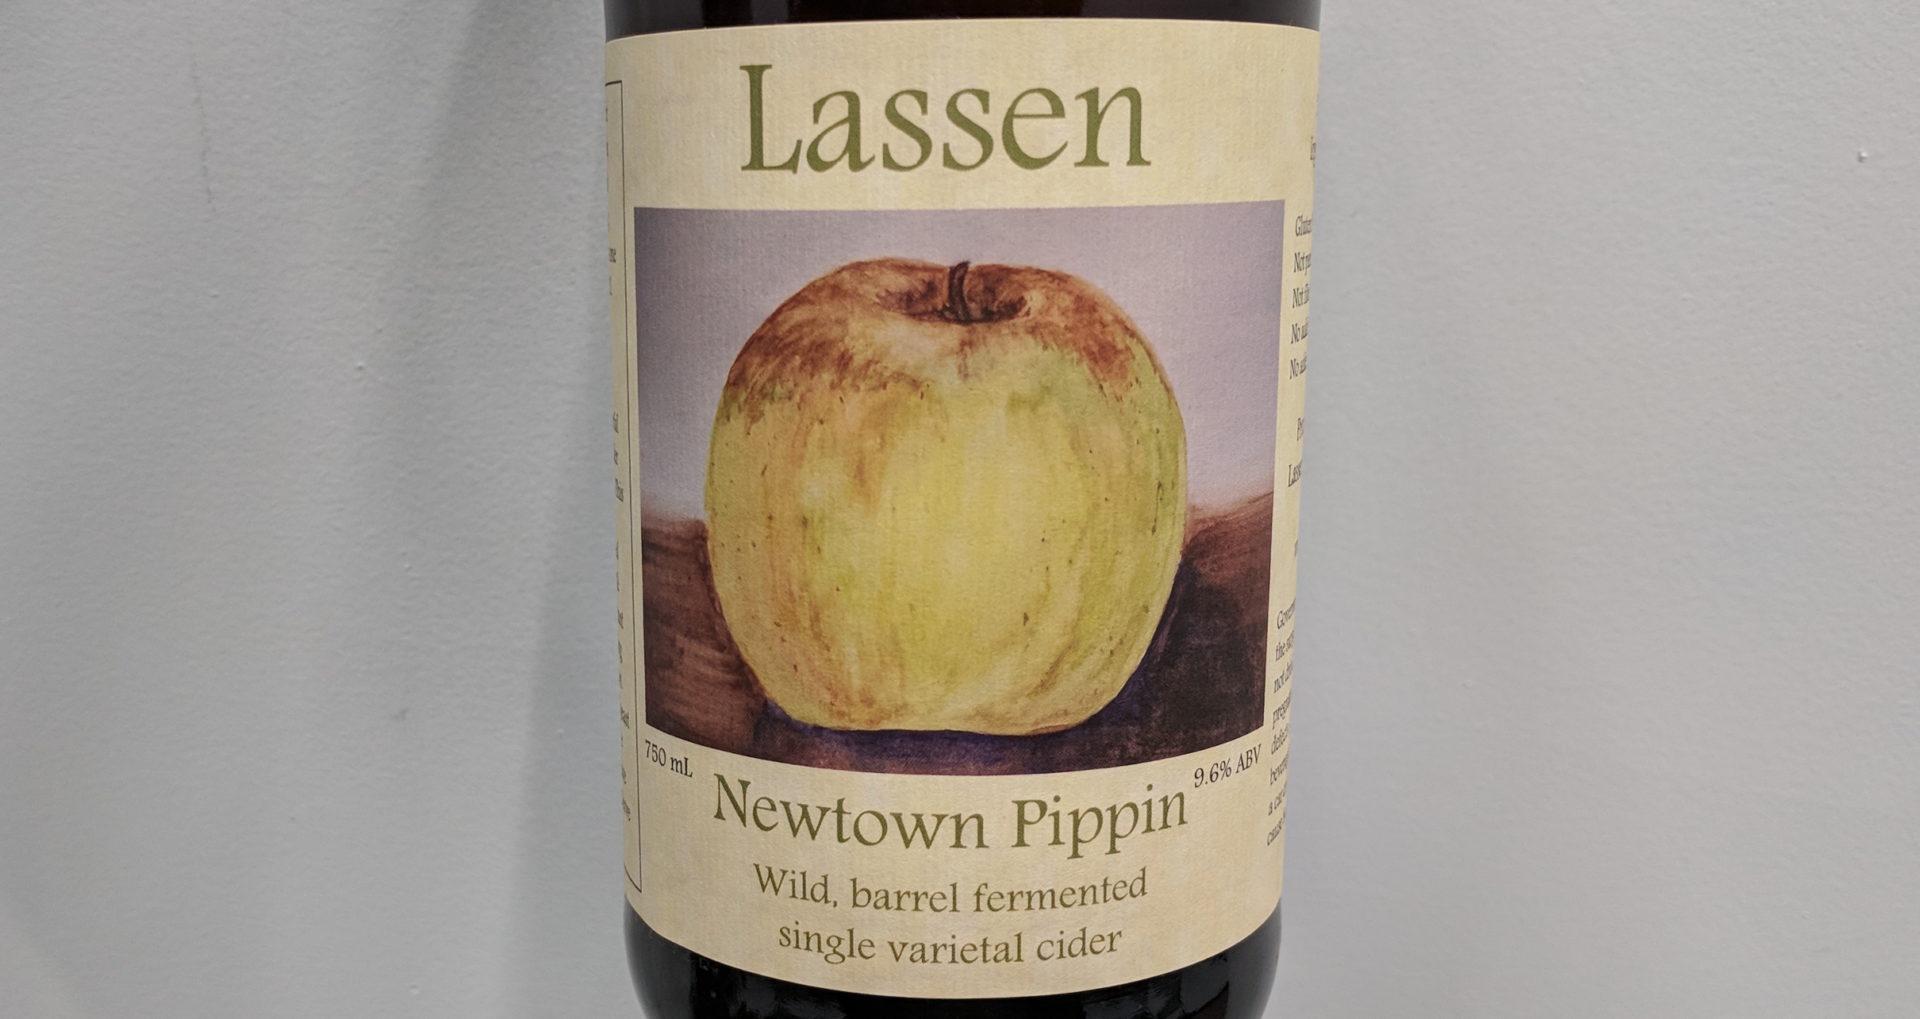 Lassen Newtown Pippin